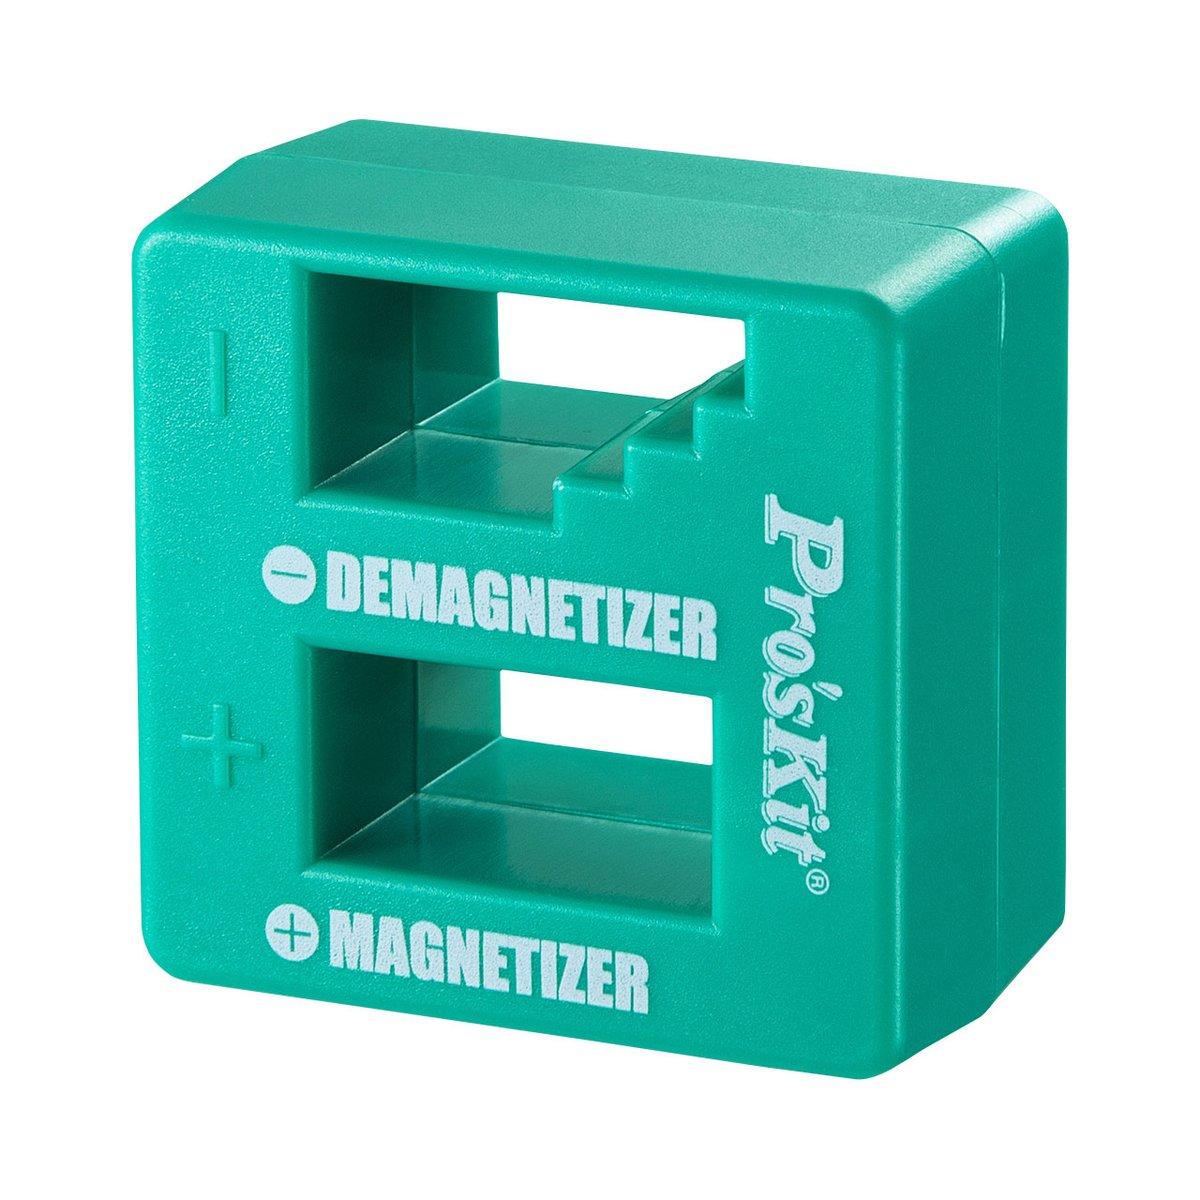 手持ちの工具が簡単に磁極化でき、消磁もできるドライバー用マグネタイザーを発売